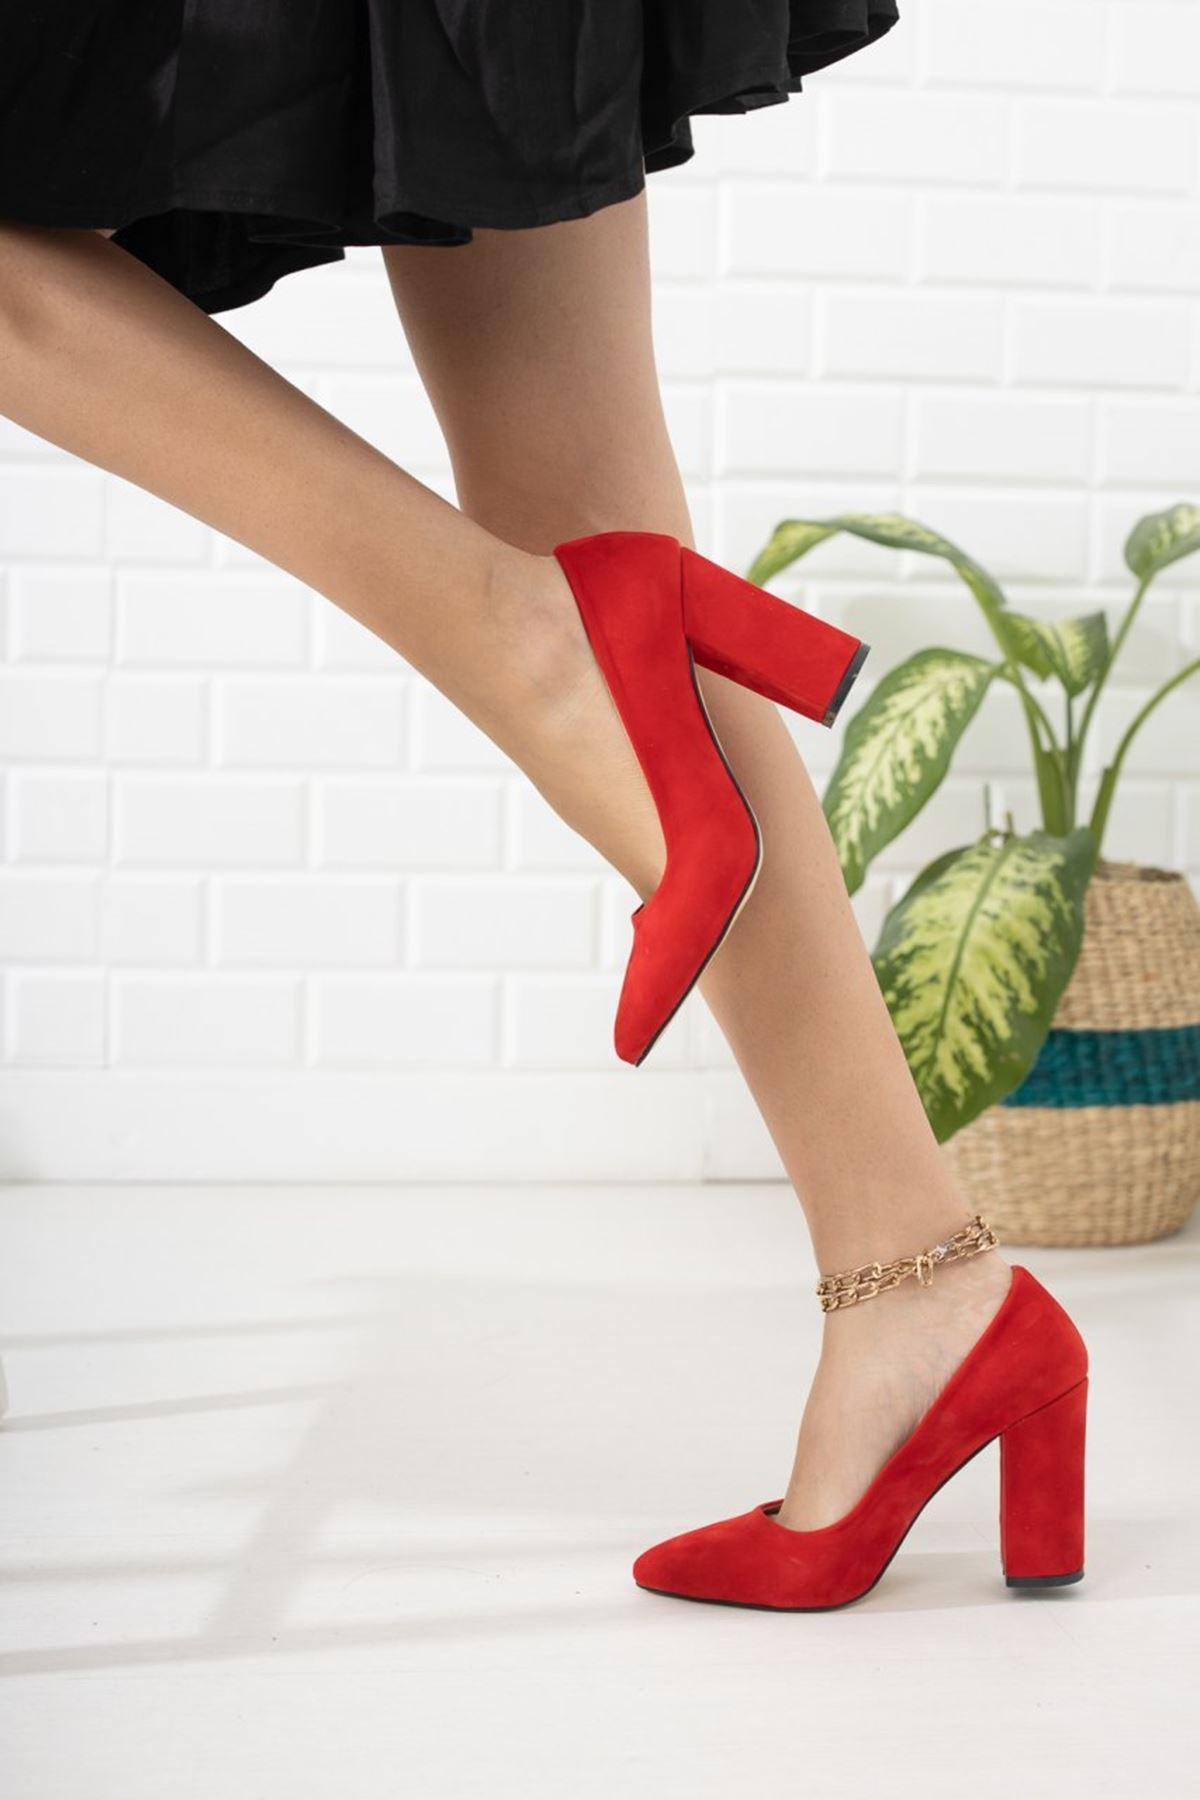 Kadın Kalvi Kalın Topuk Kırmızı Süet Stiletto